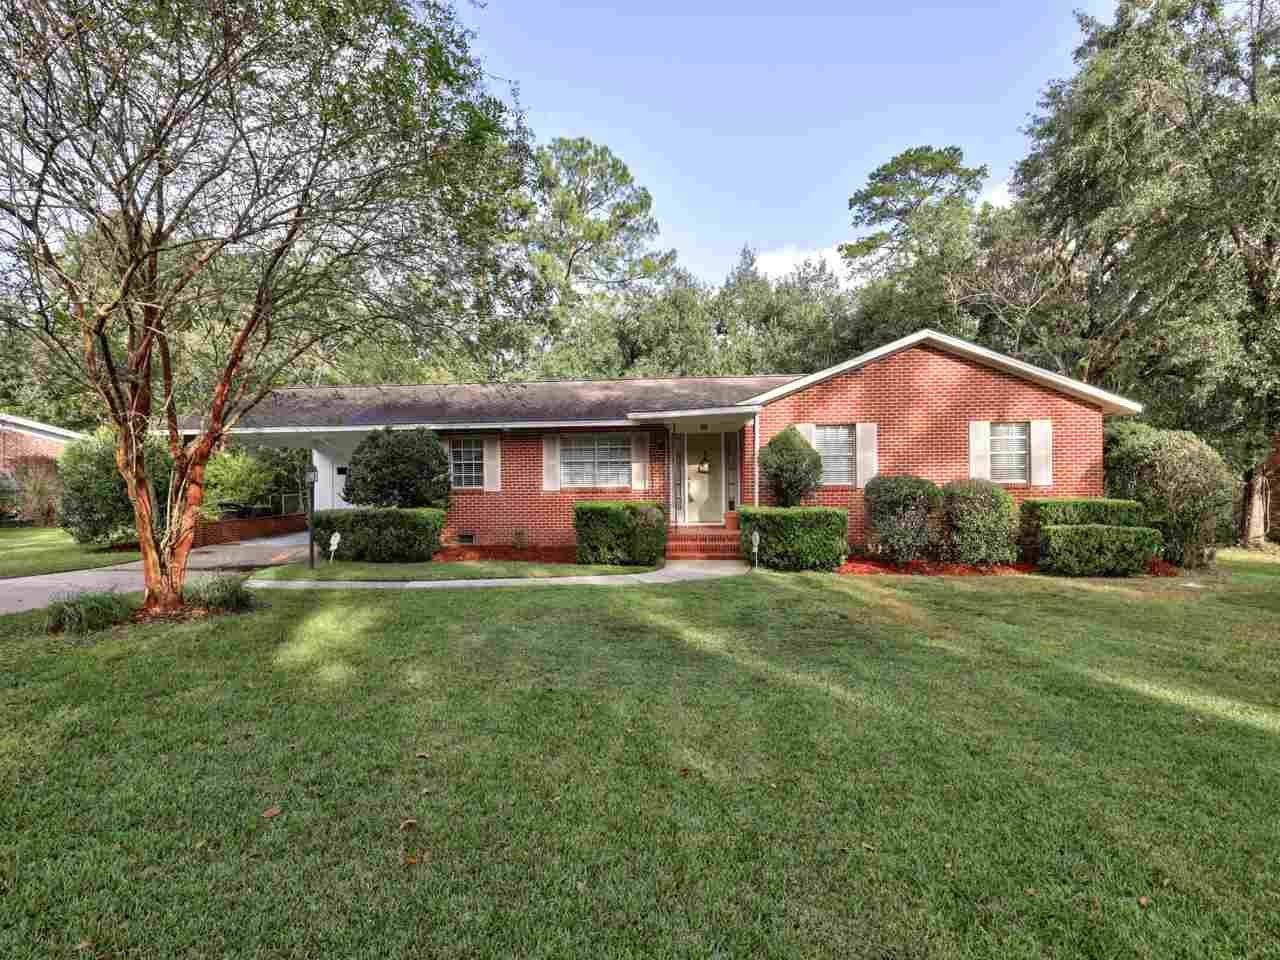 117 Chapel Drive, Tallahassee, FL 32304 - MLS#: 324984